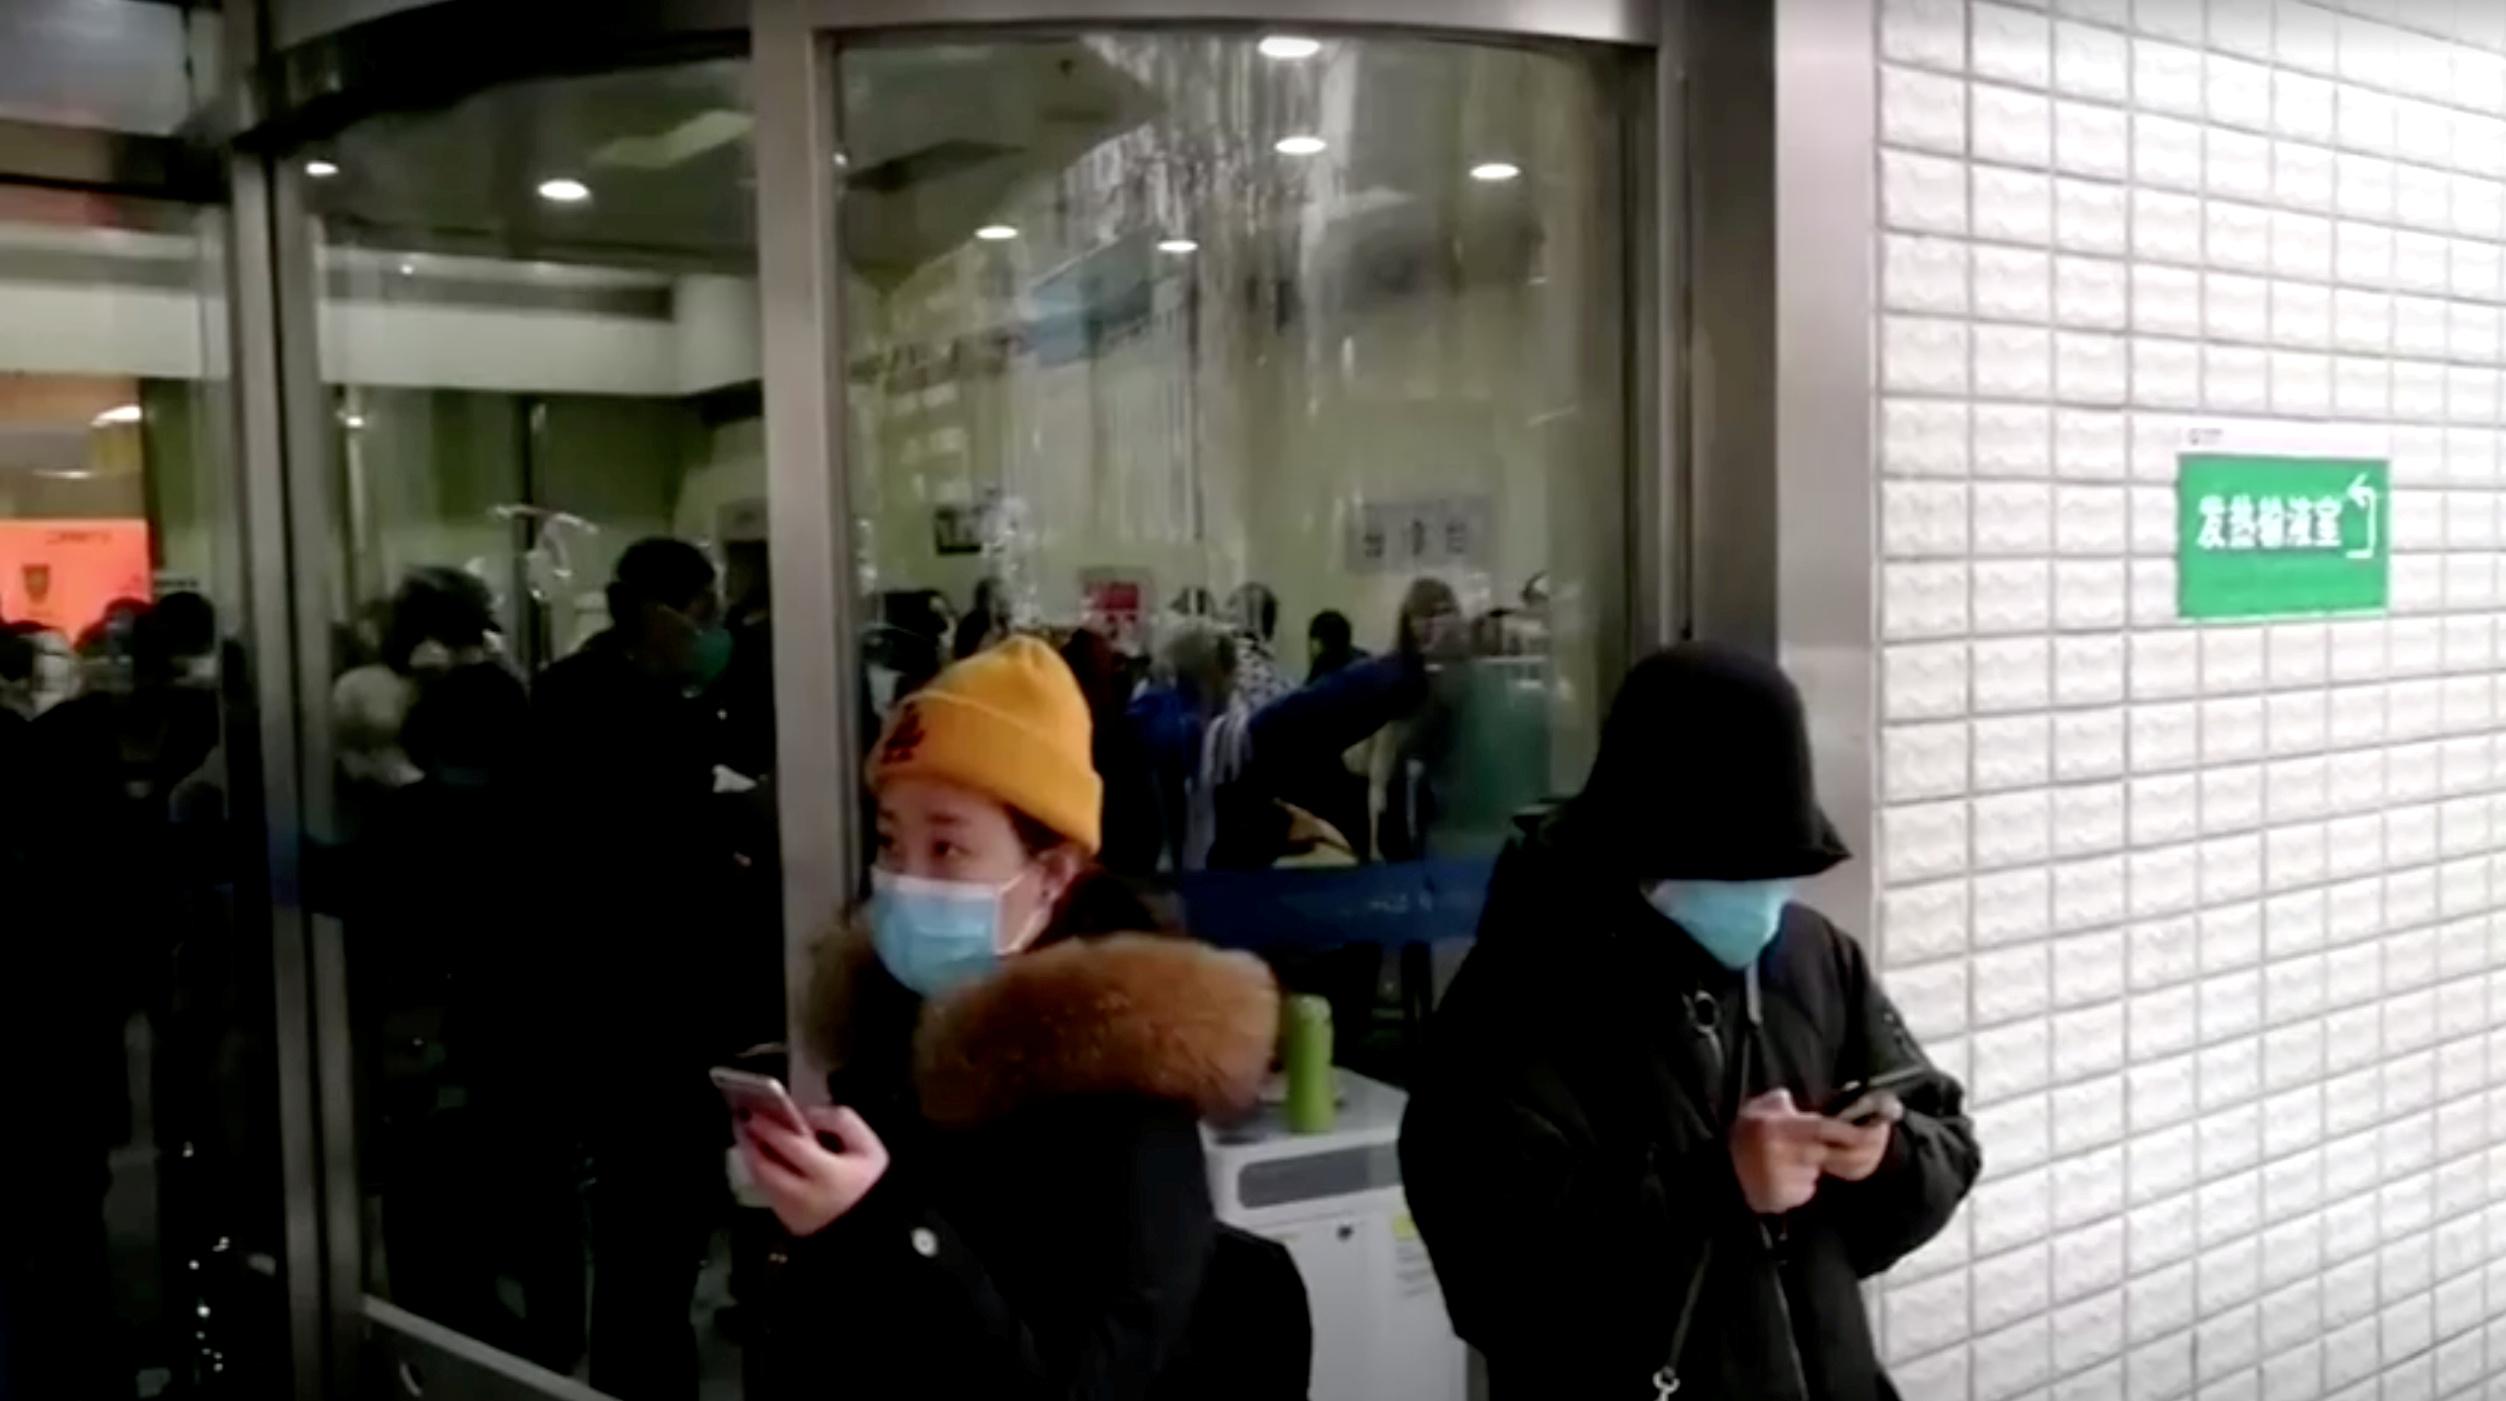 EN DIRECT - Coronavirus: le premier vol de rapatriement de Français partira mercredi